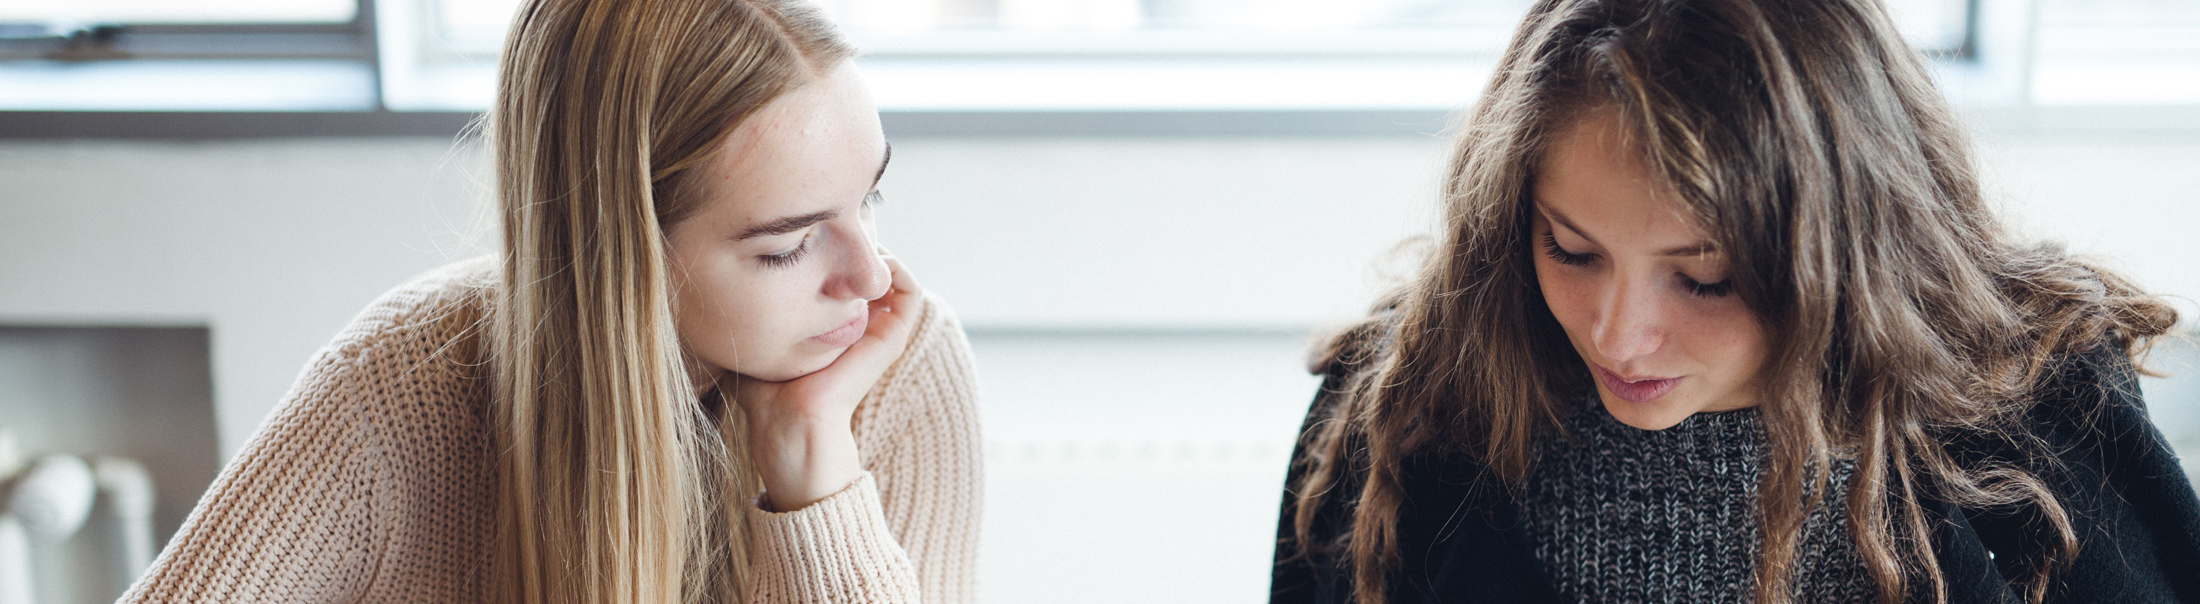 To piger sidder og arbejder ved et bord.